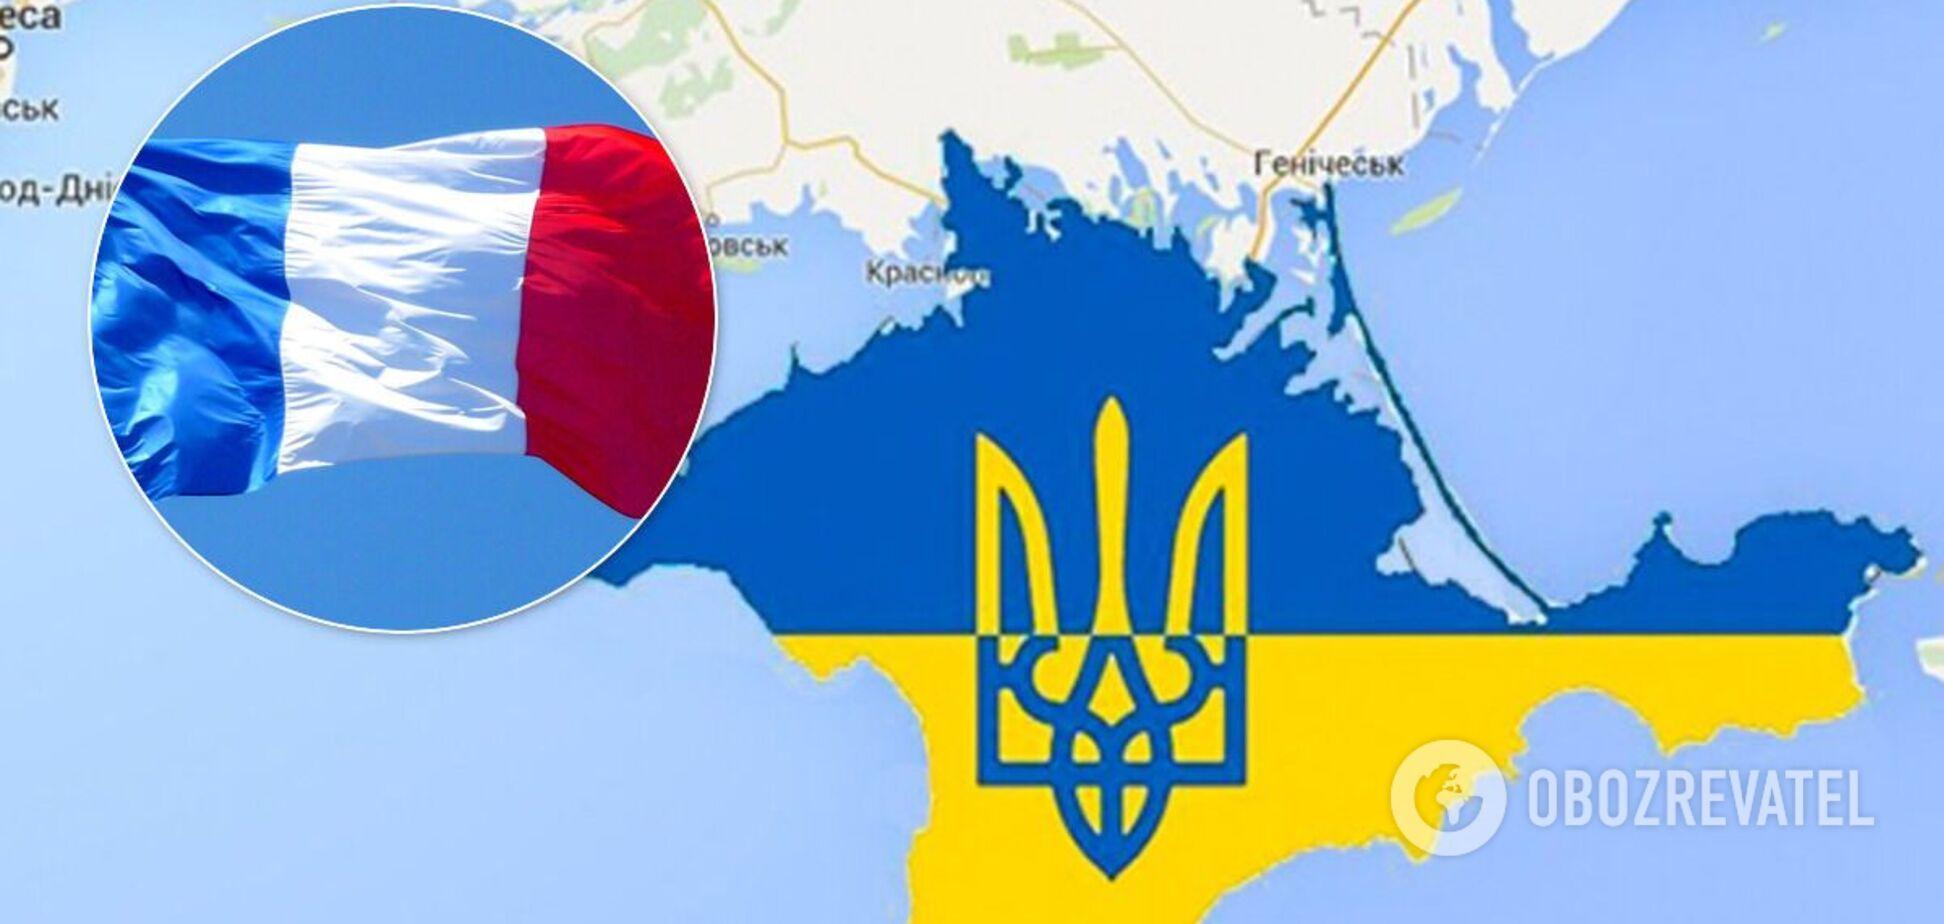 Во Франции заявили о готовности присоединиться к Крымской платформе